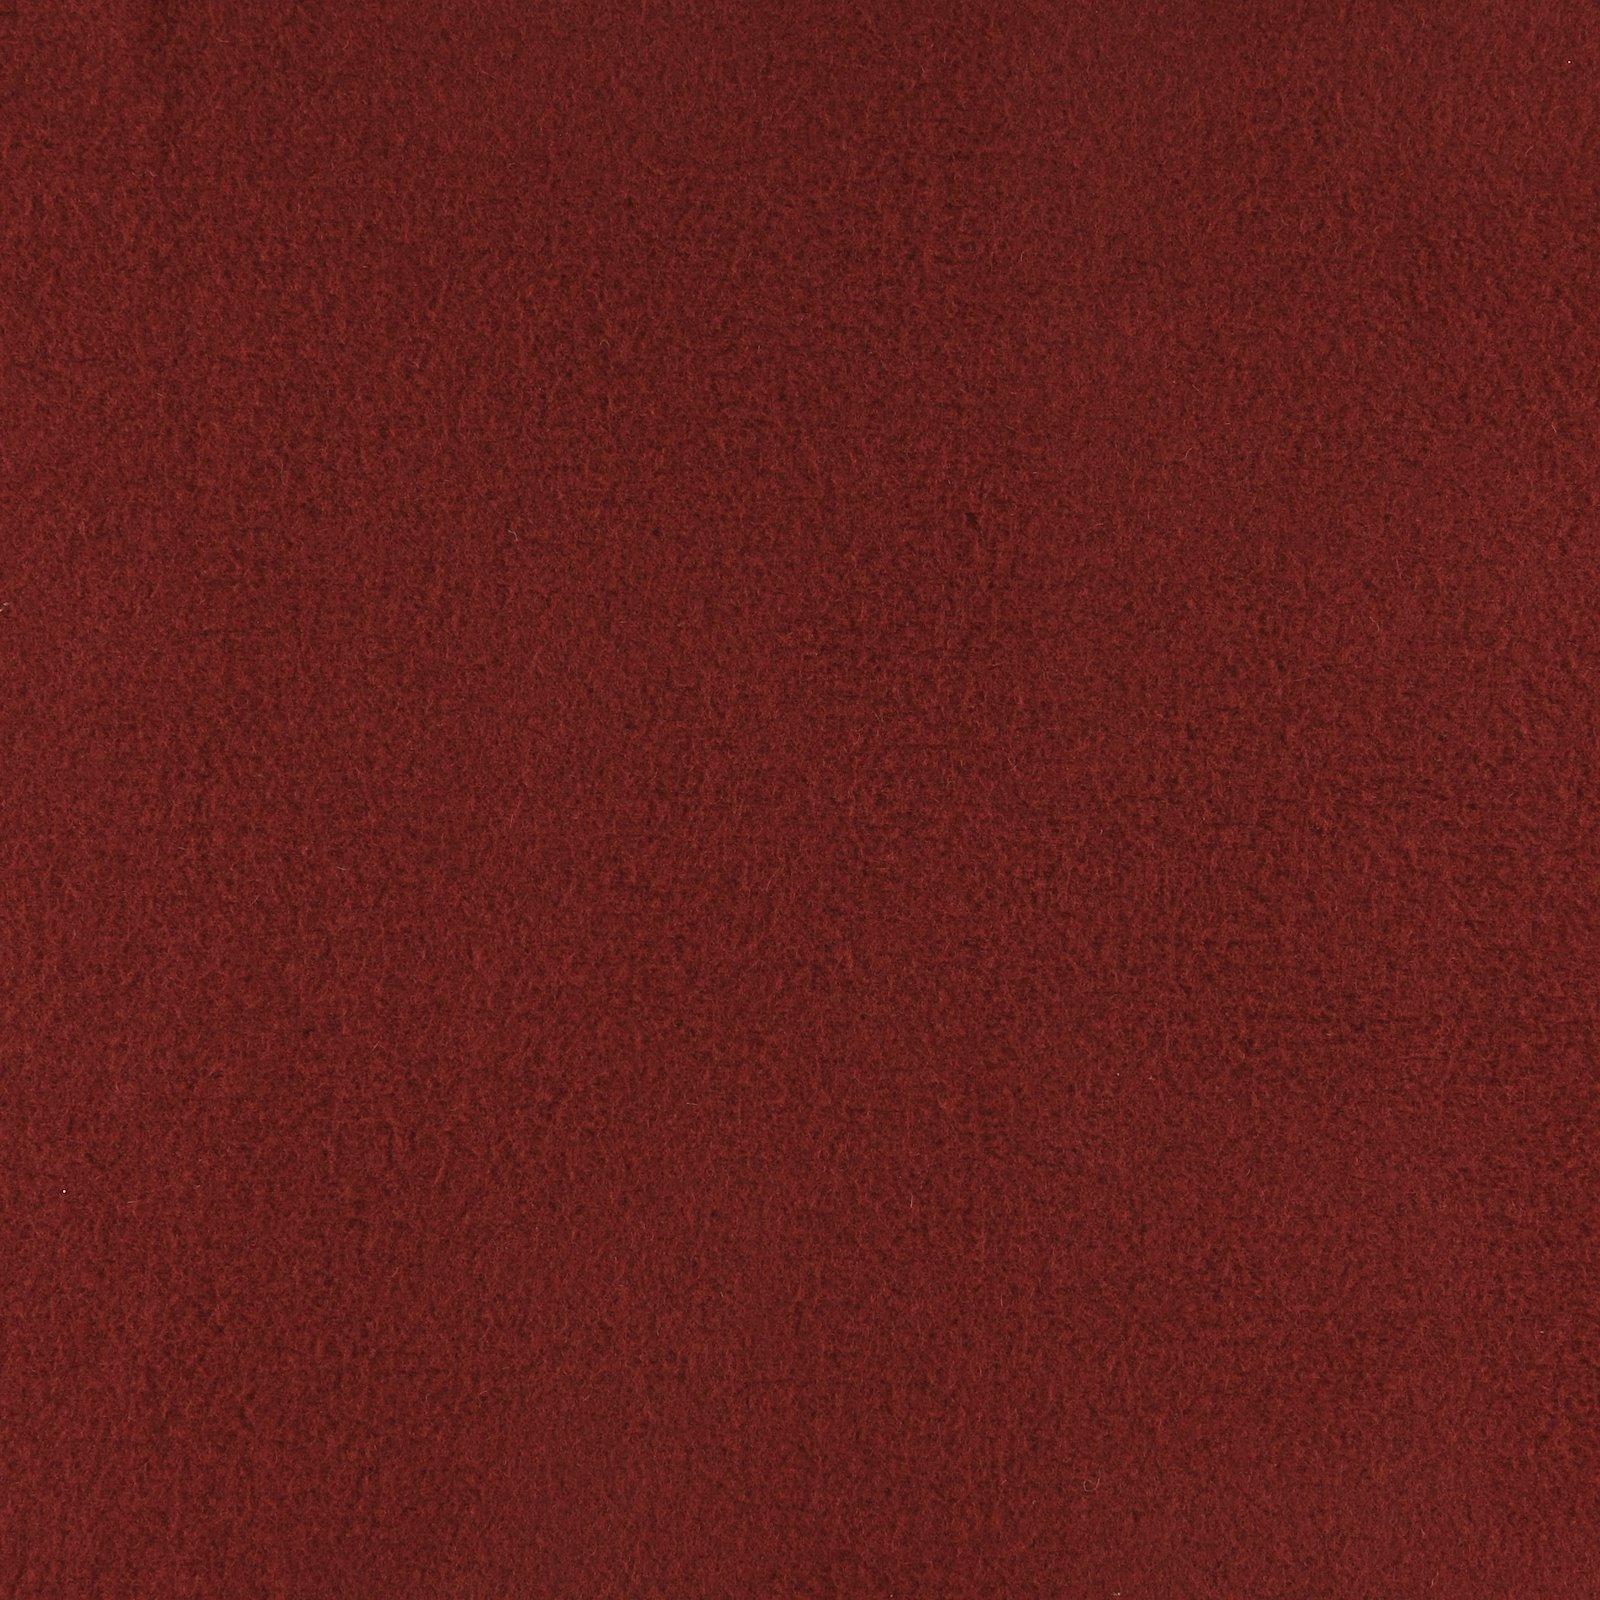 Wool felt dark rouge melange 310357_pack_solid